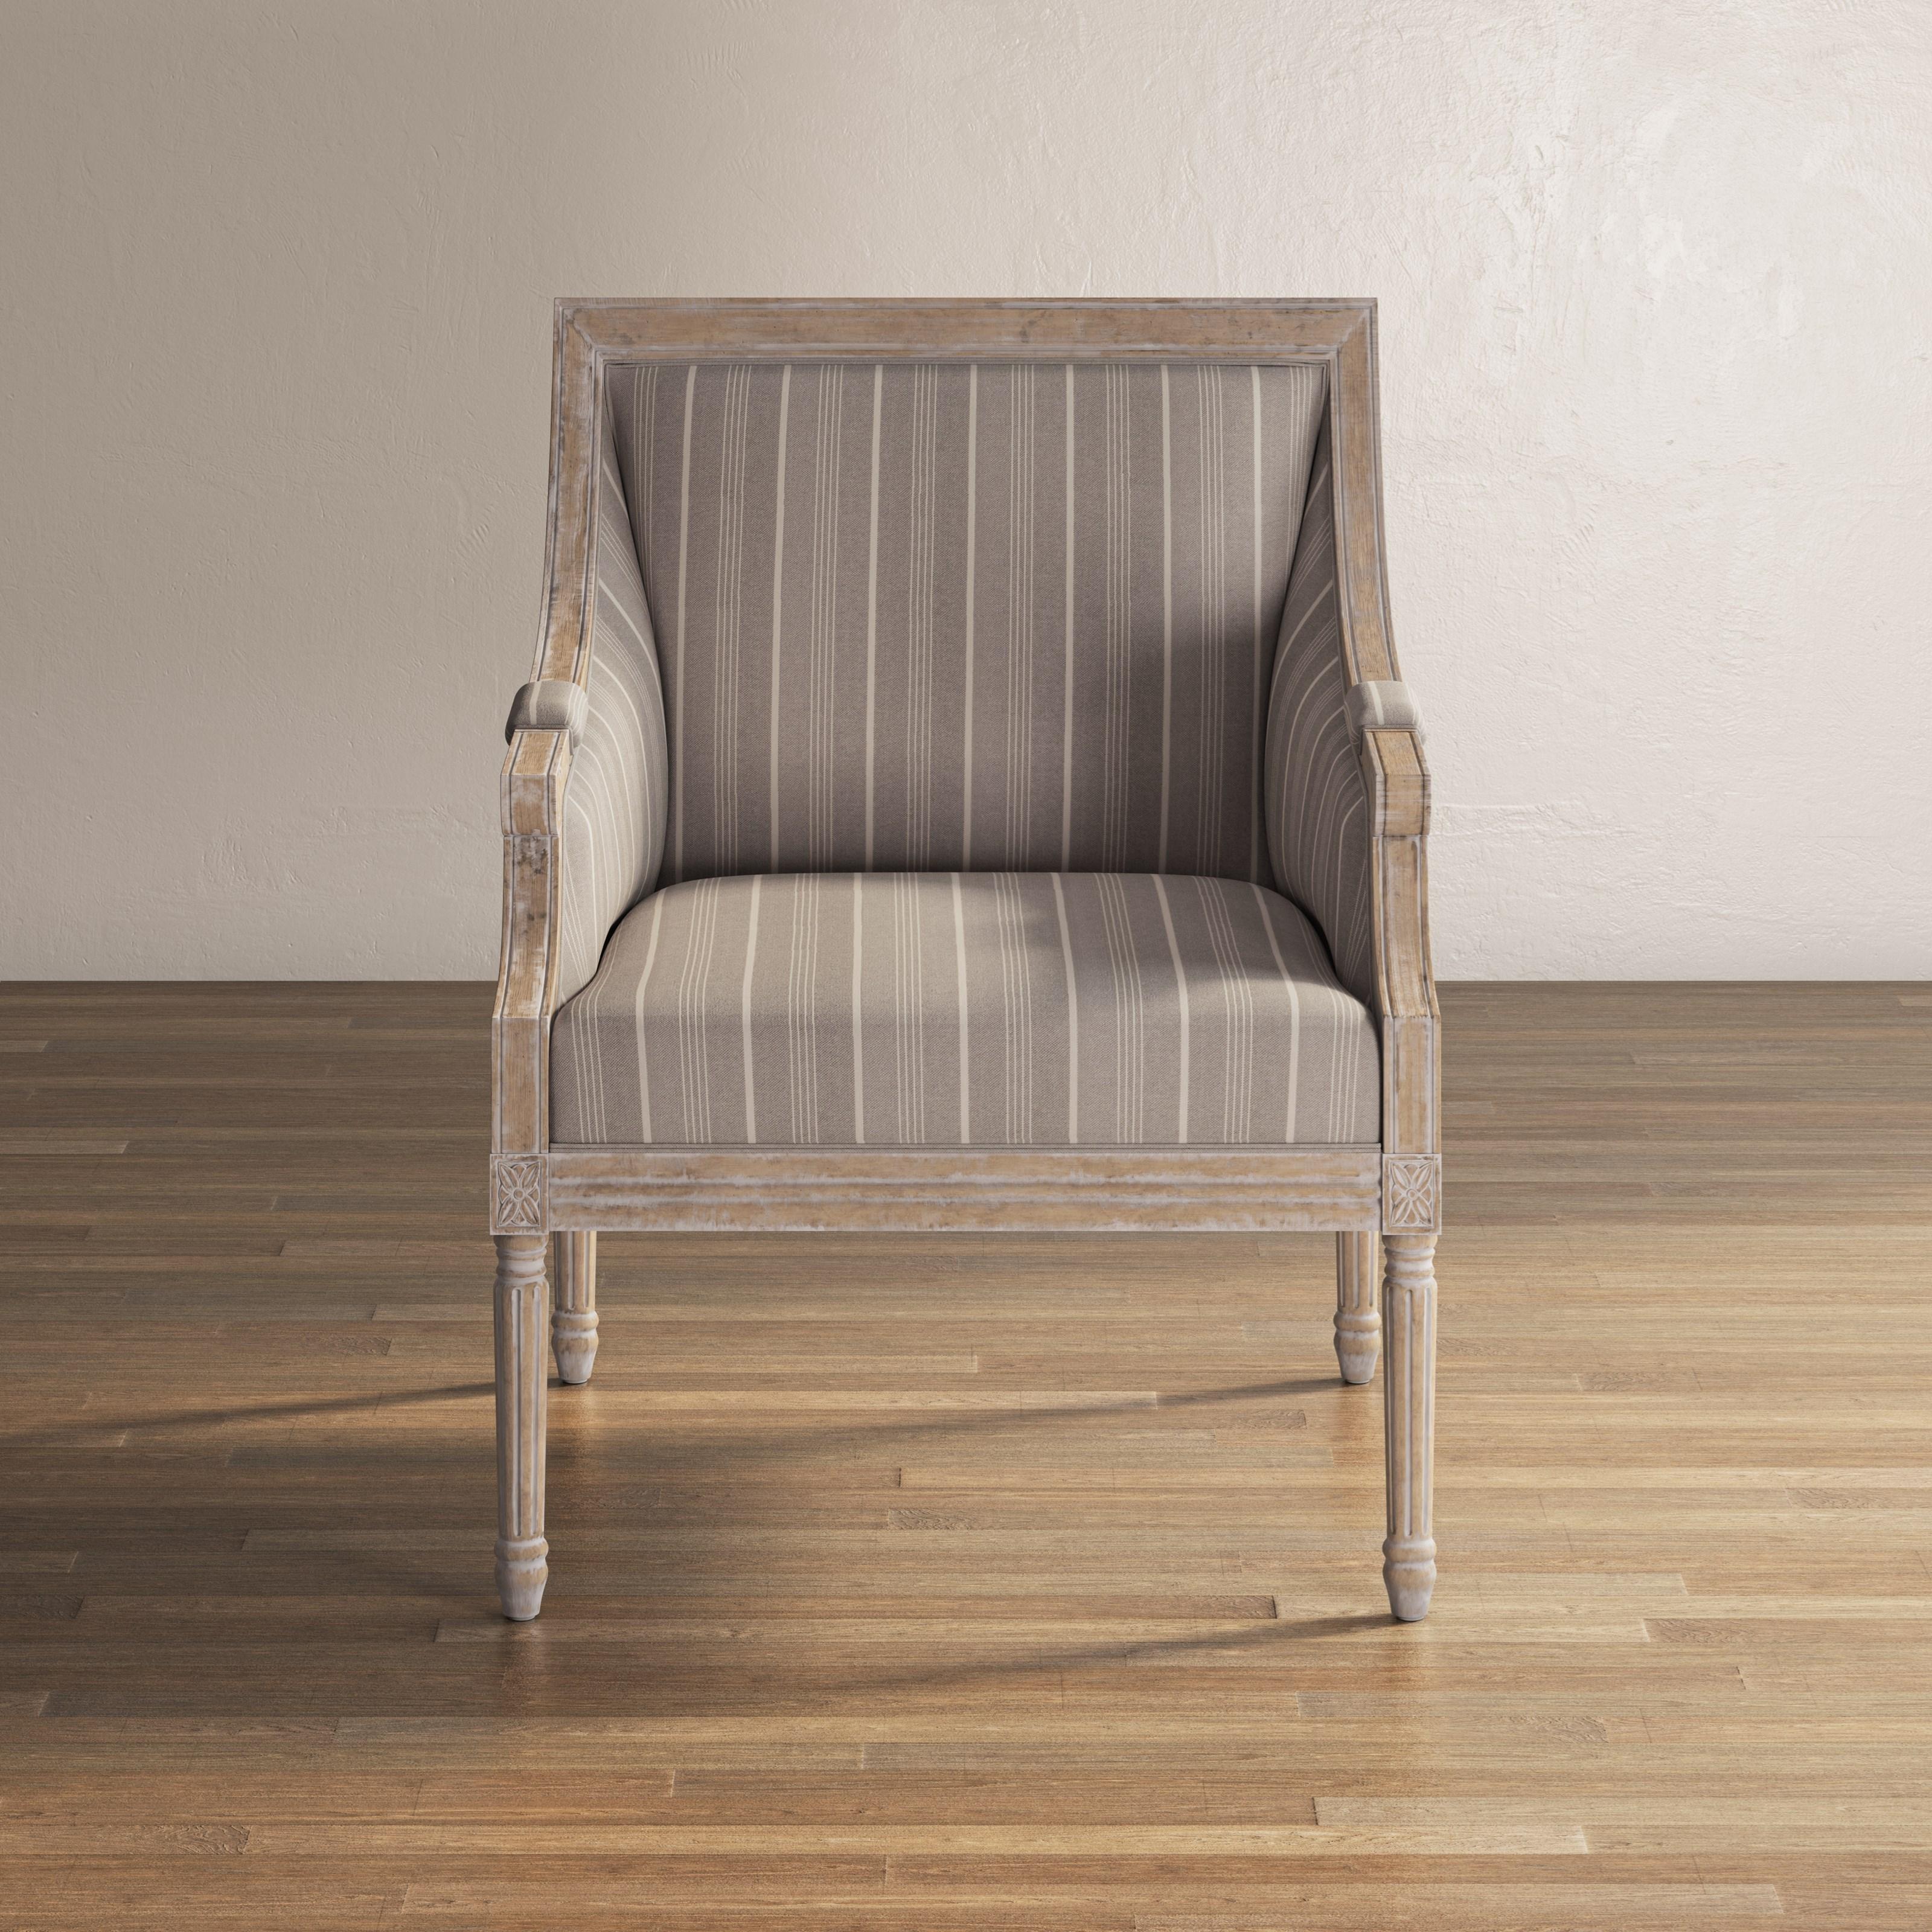 McKenna McKenna Chair by VFM Signature at Virginia Furniture Market